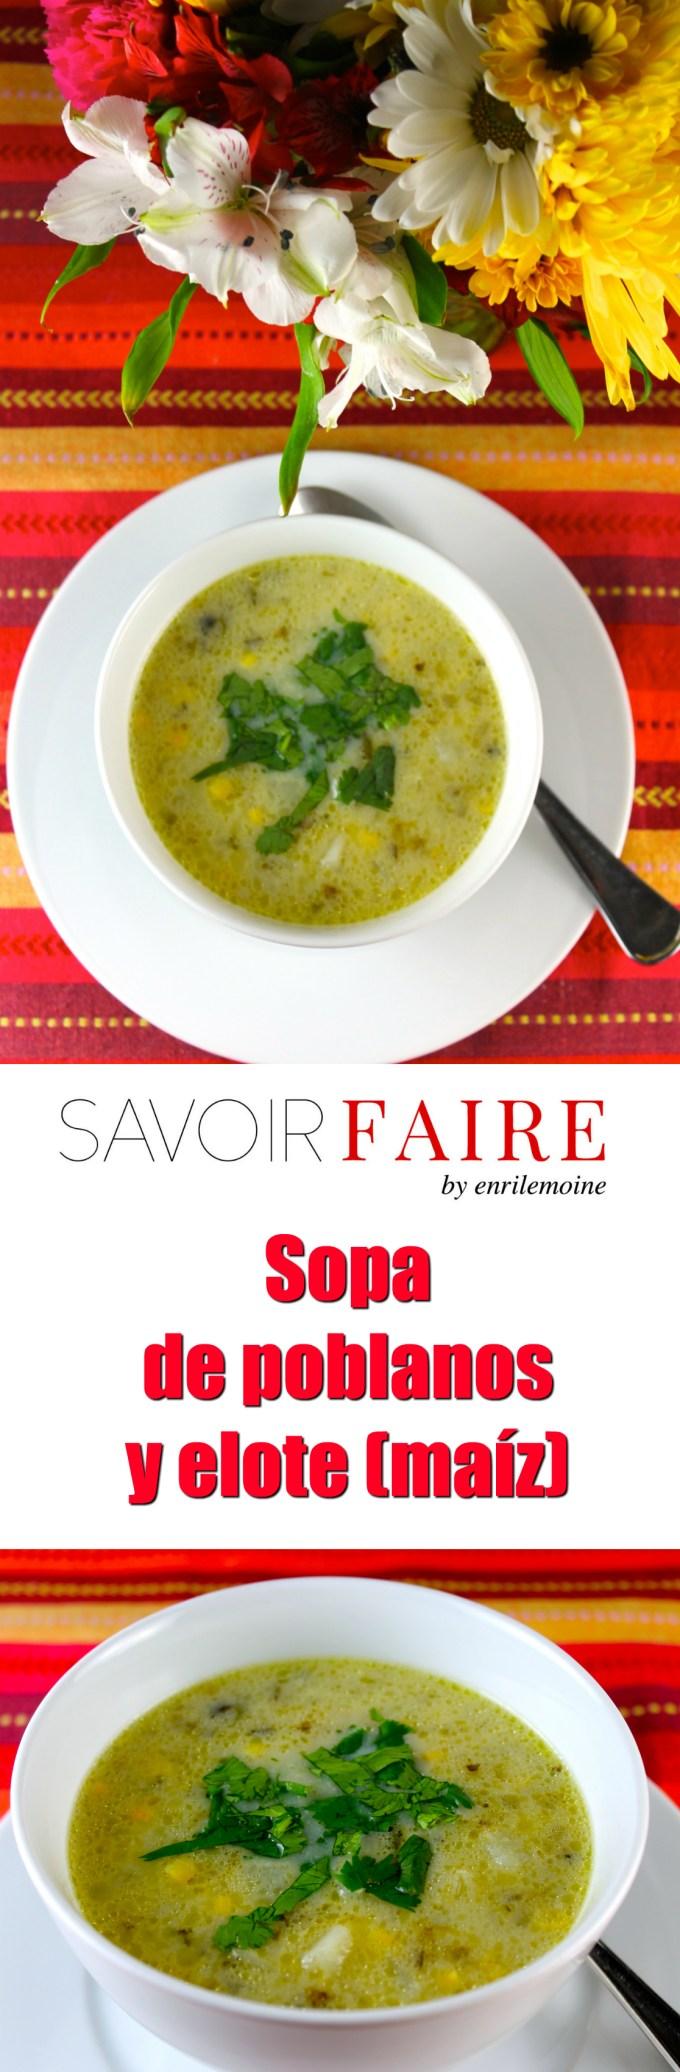 Sopa de poblanos y elote - SAVOIR FAIRE by enrilemoine